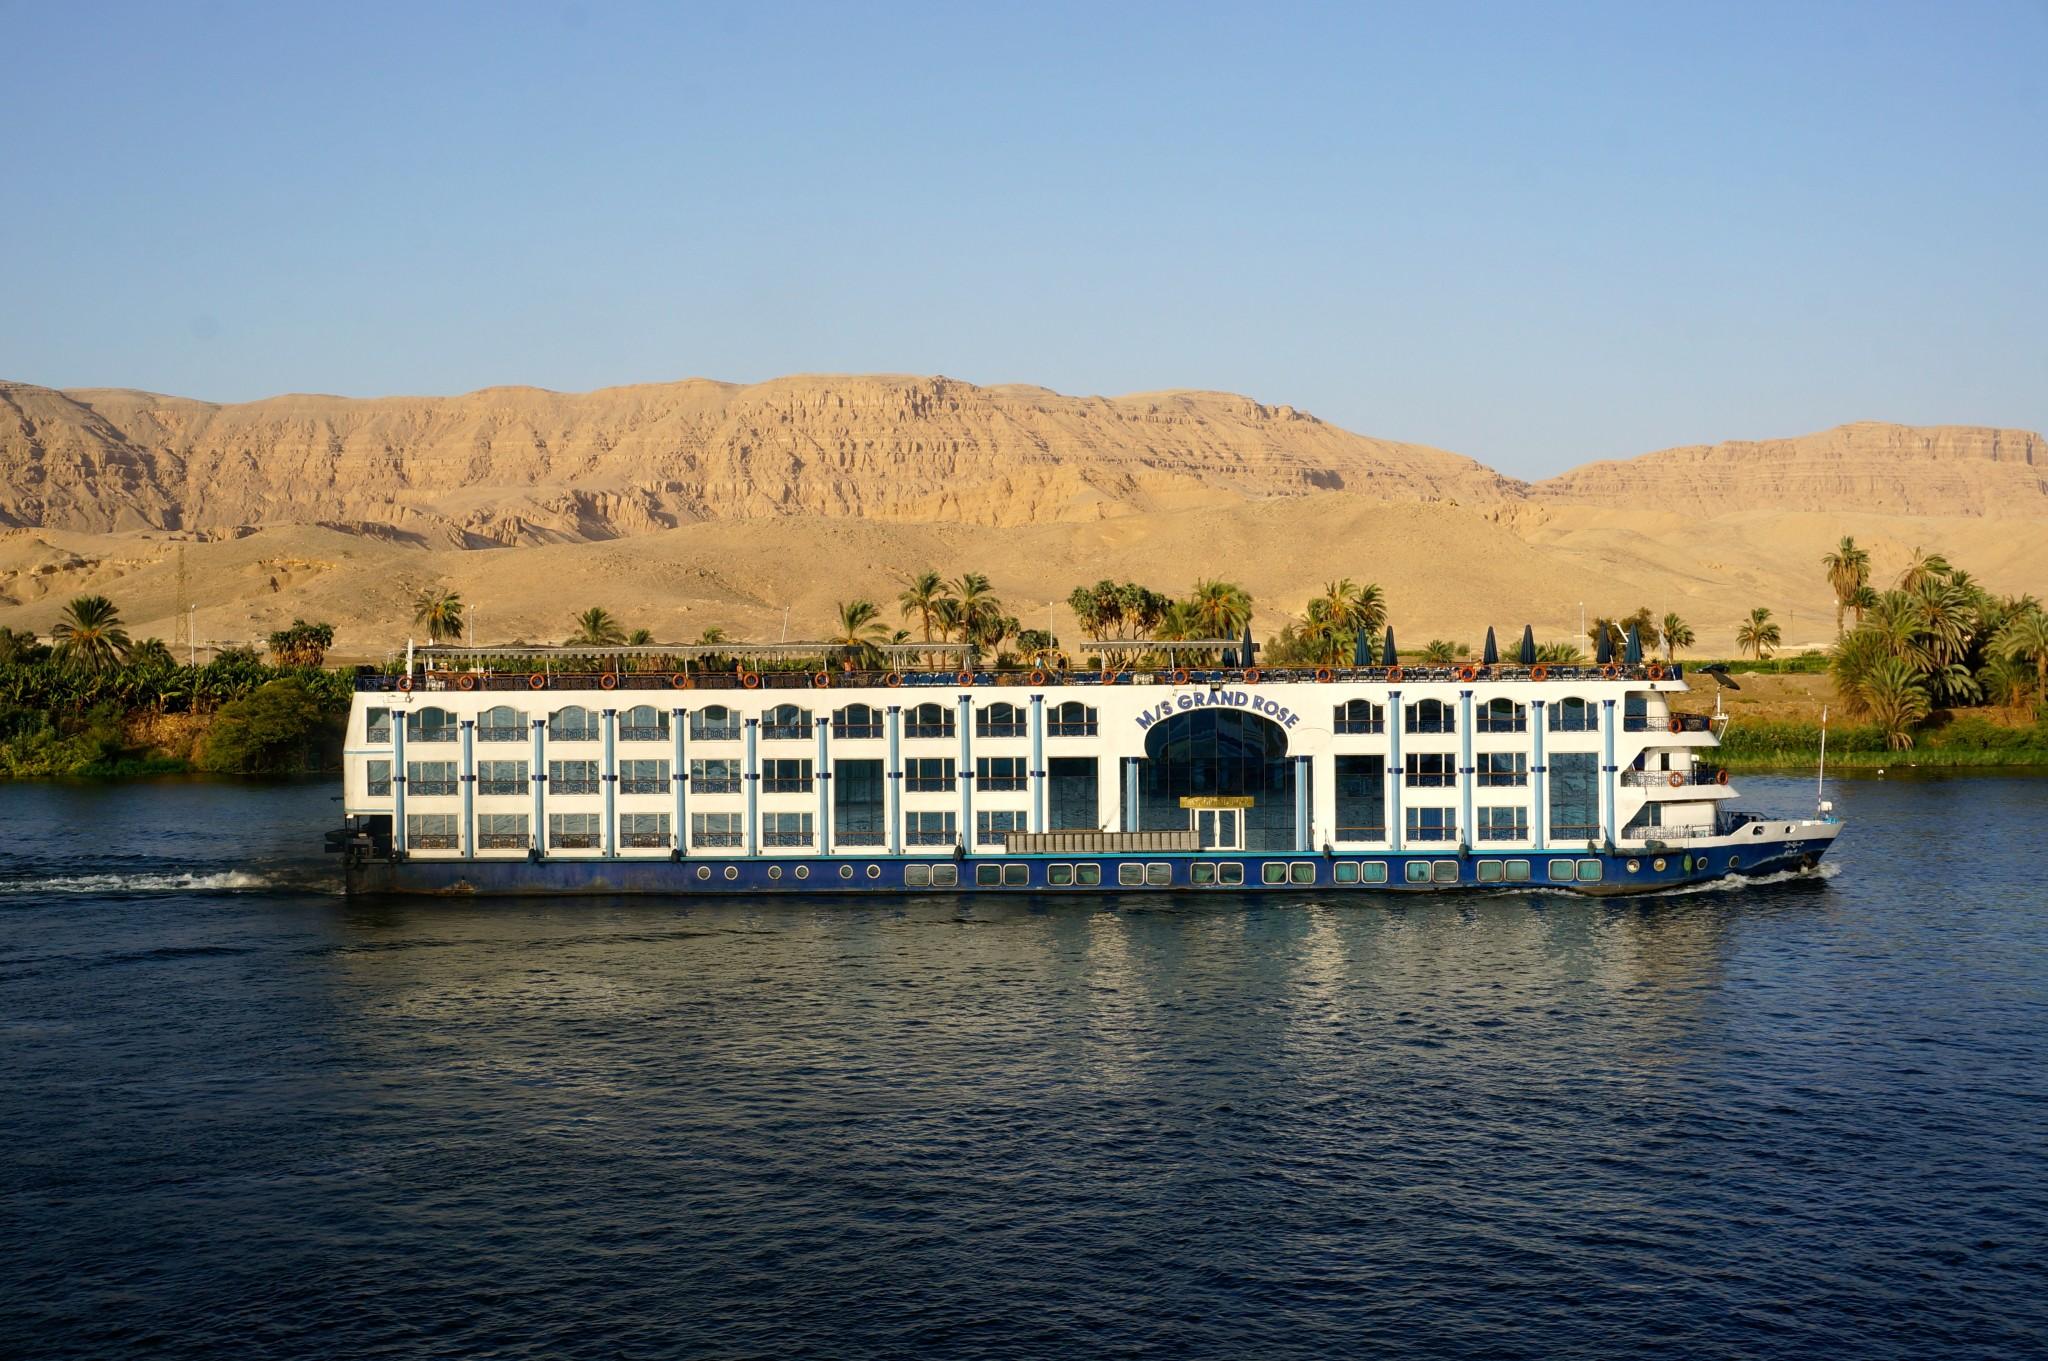 Nile Egypt Tours